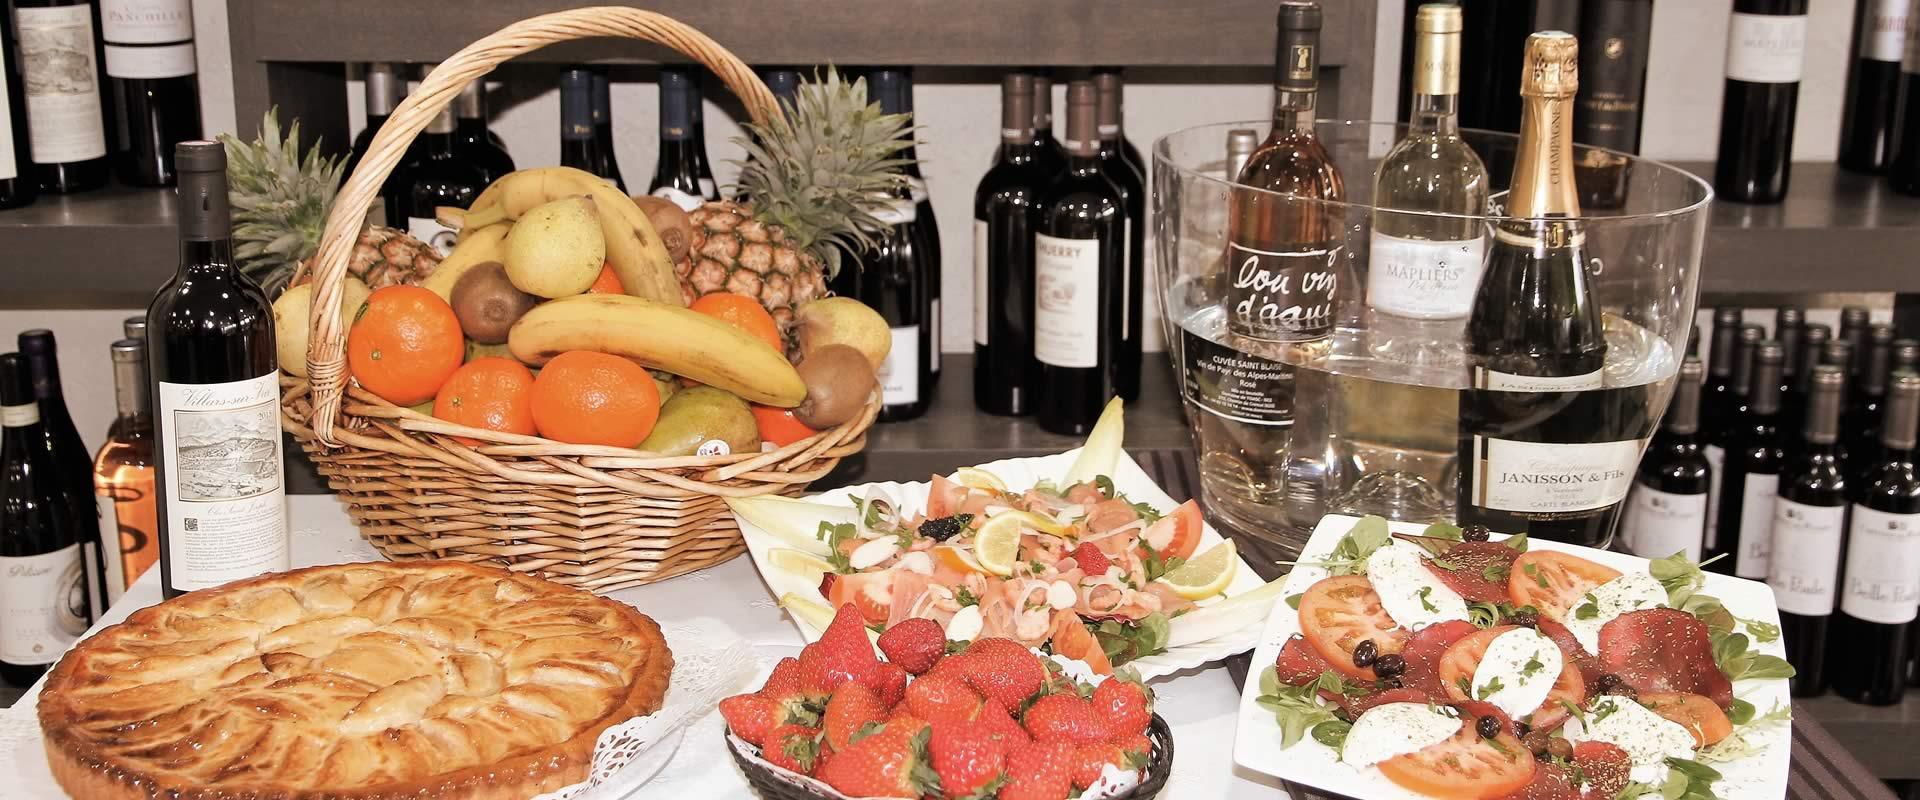 Les Selves restaurant à Carros - Côte d'Azur